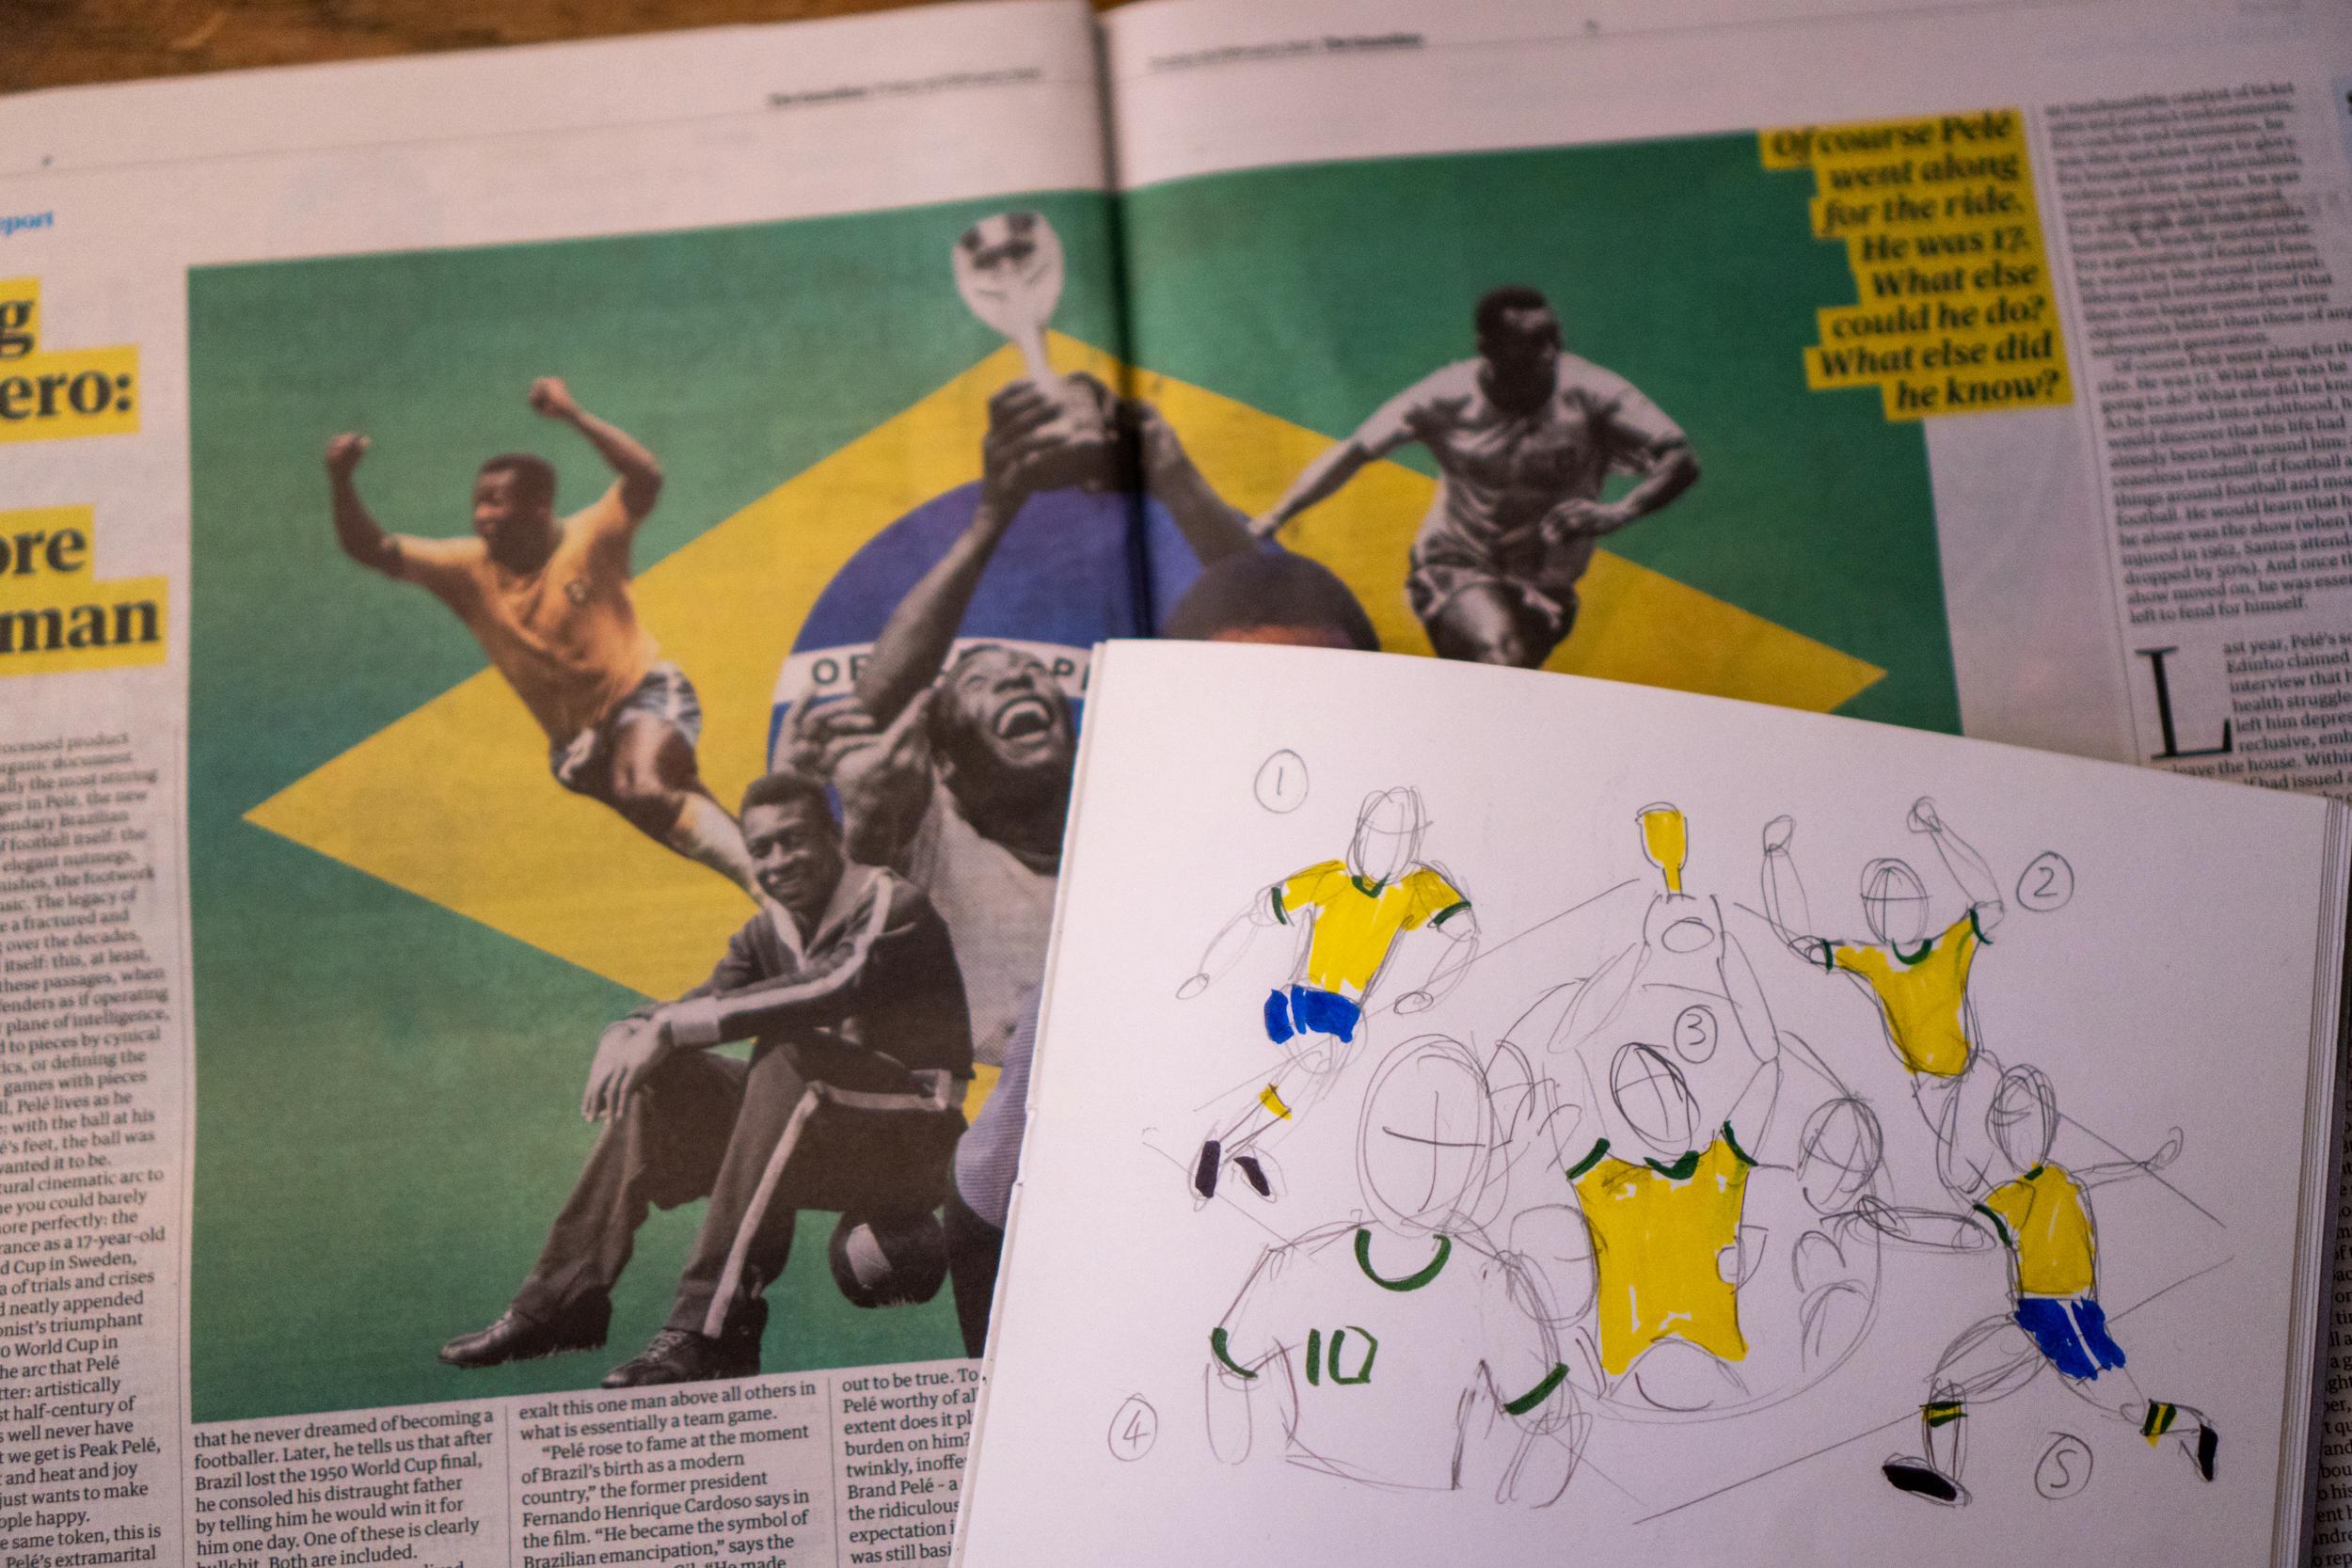 The Guardian Pele composite image